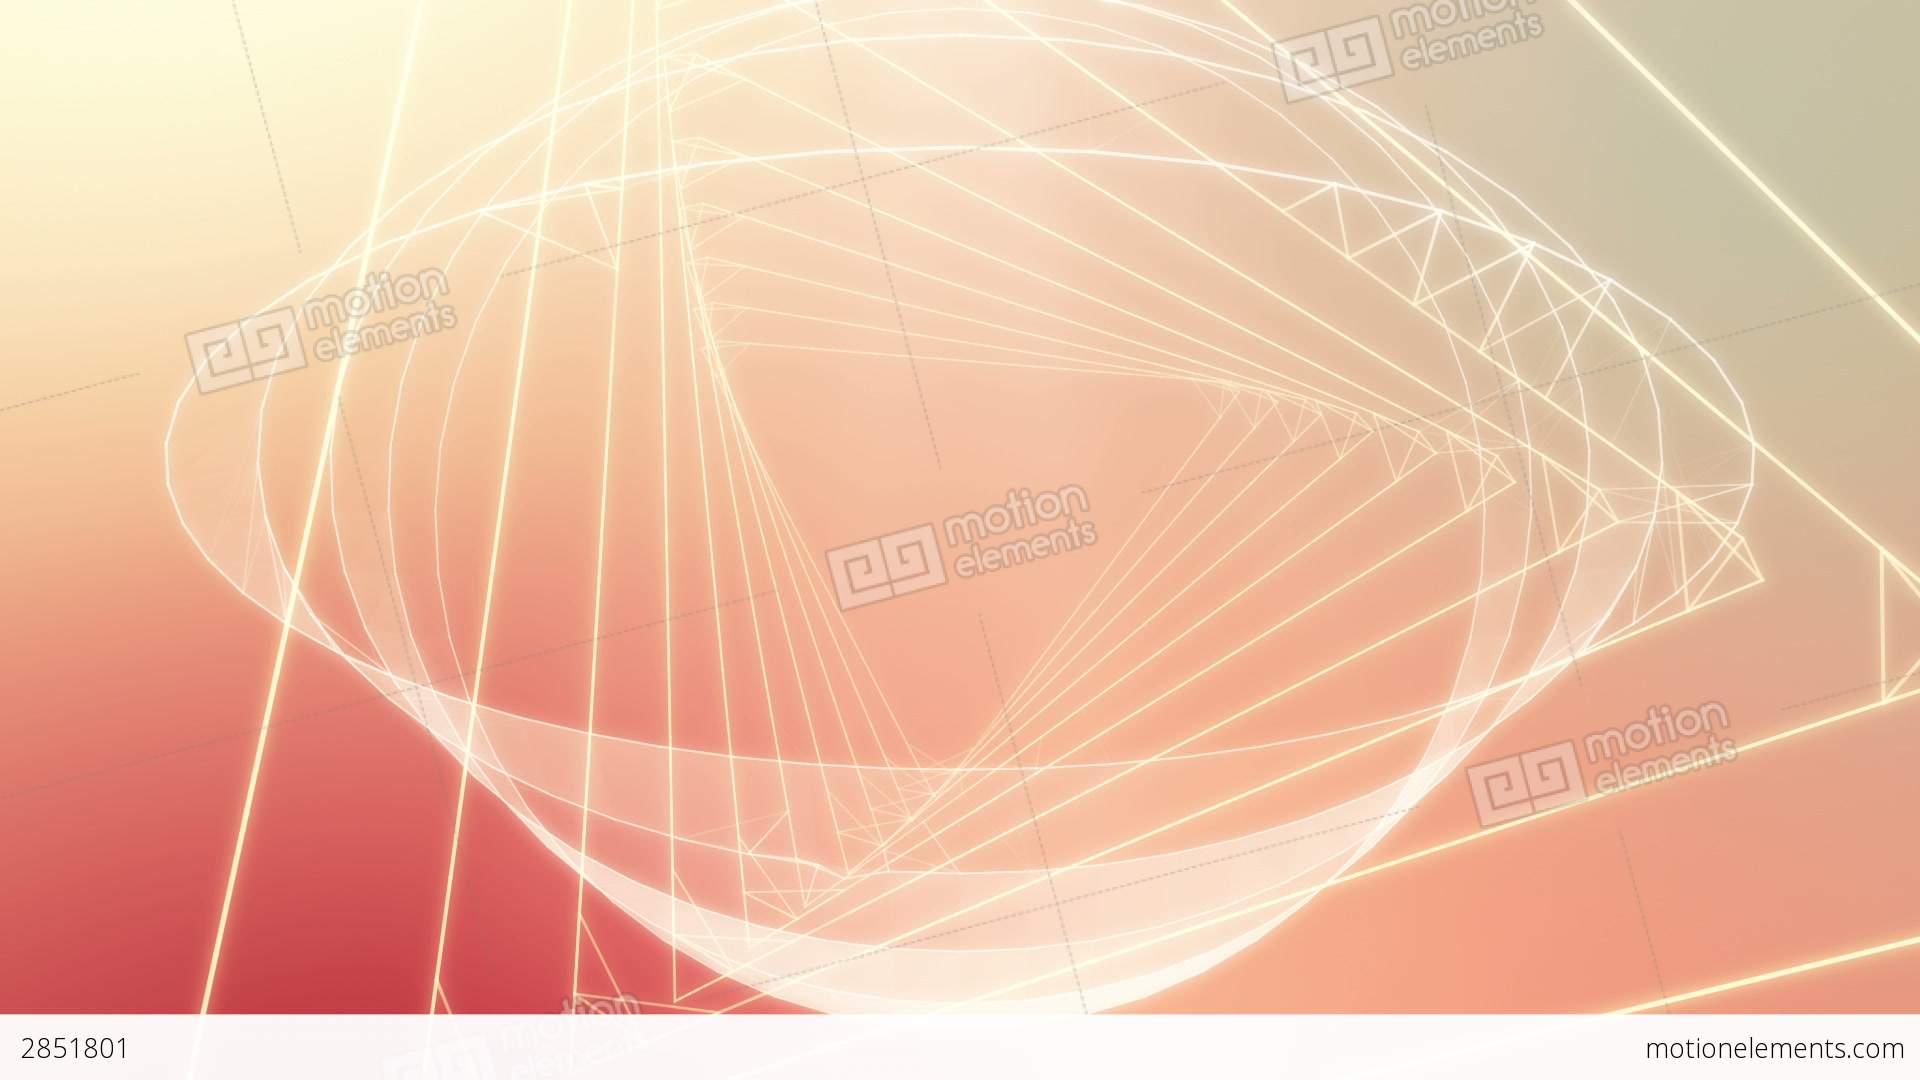 Beste 3d Wireframe Bilder - Die Besten Elektrischen Schaltplan-Ideen ...